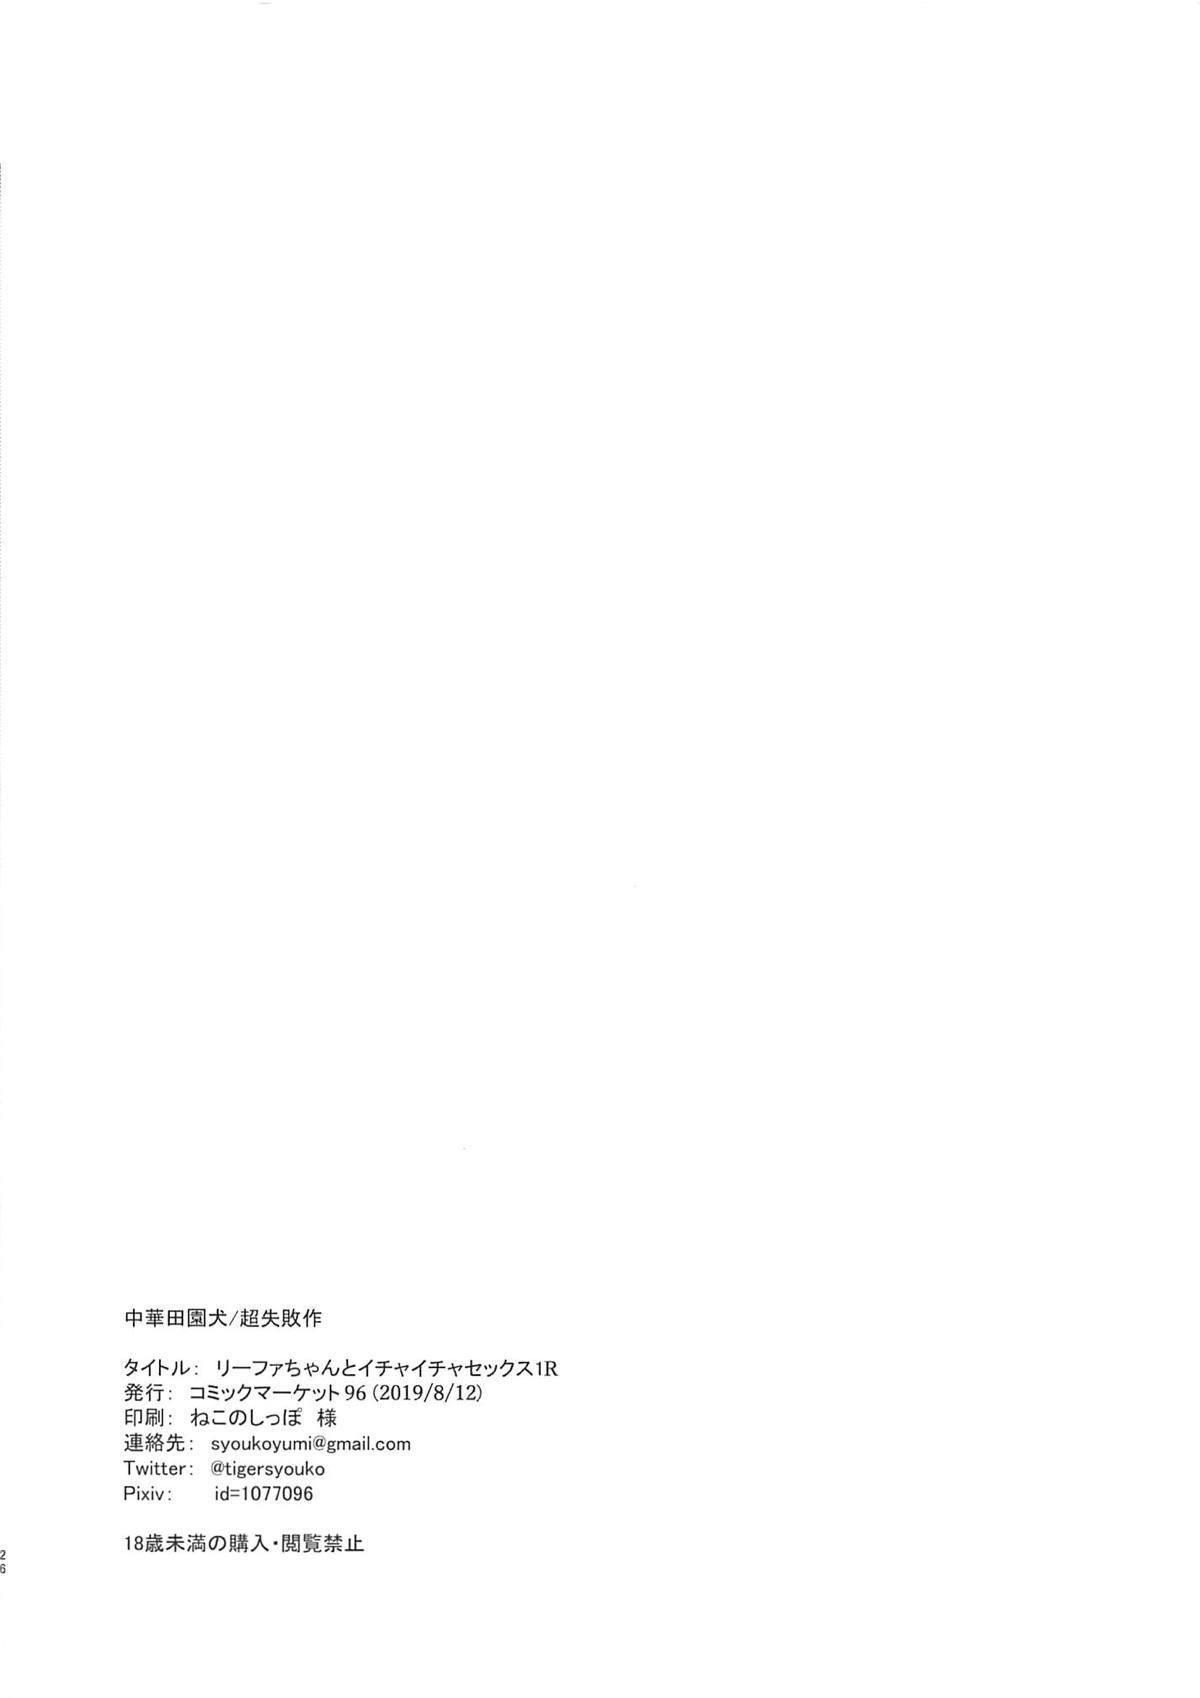 Leafa-chan to Ichaicha SEX 1R 24